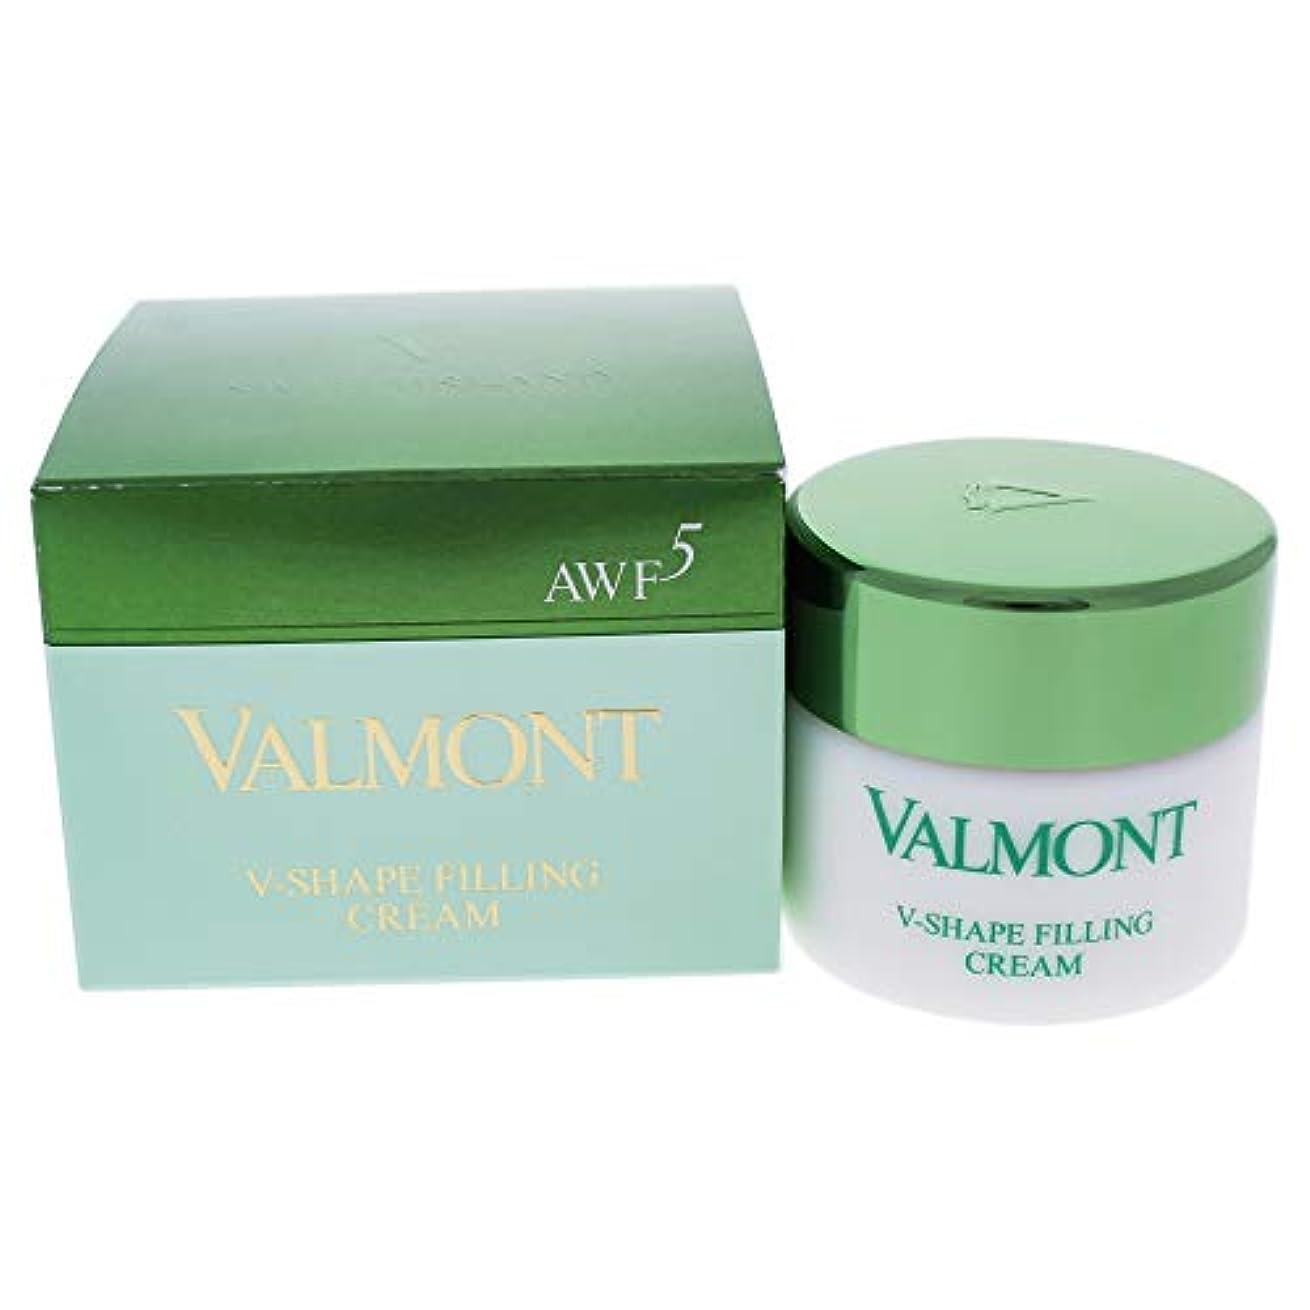 ビン実験をする高齢者ヴァルモン AWF5 V-Shape Filling Cream 50ml/1.7oz並行輸入品